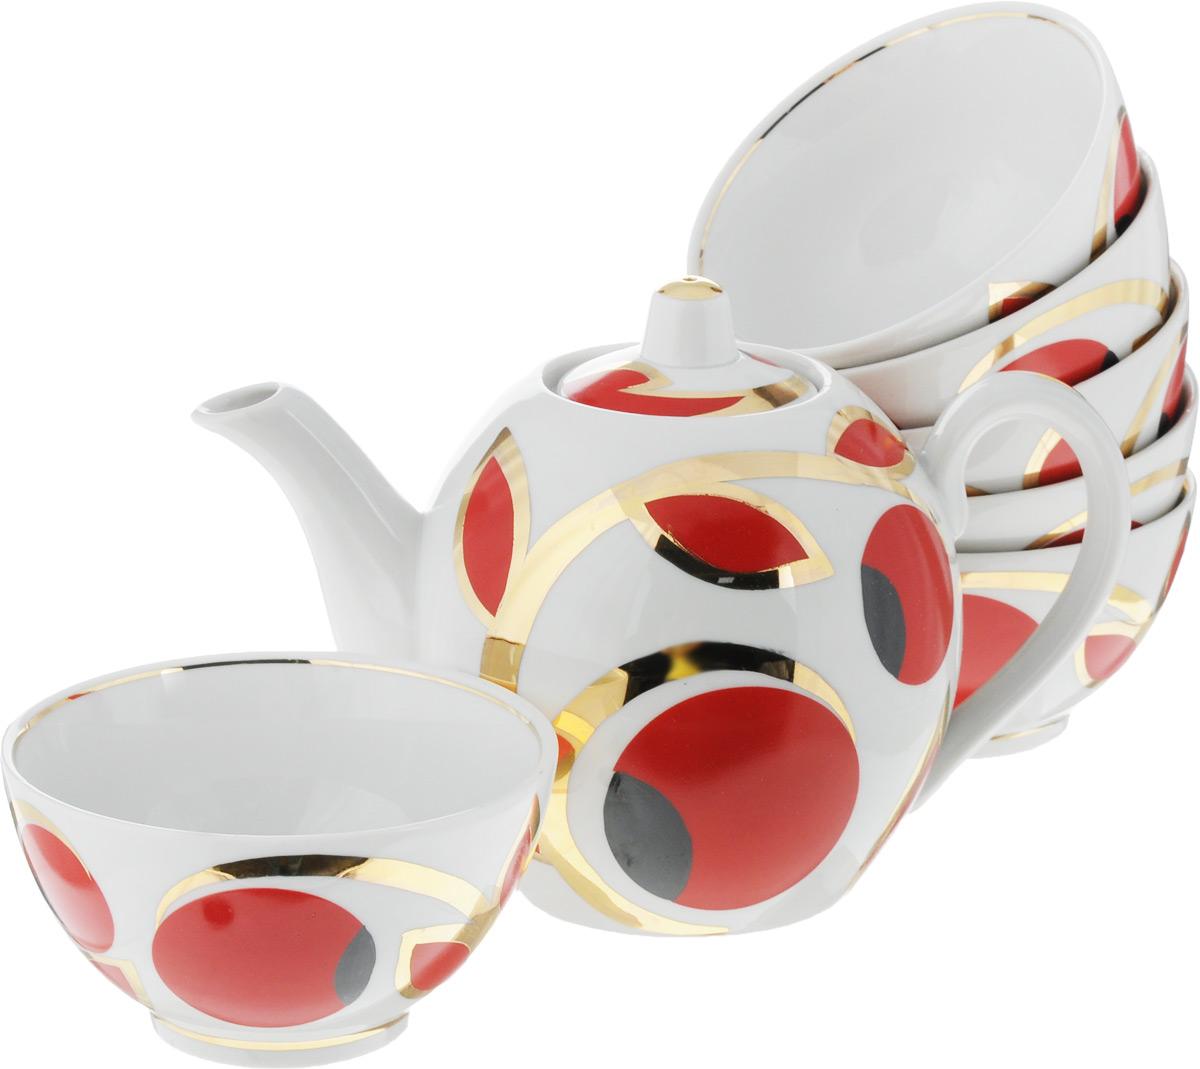 Набор чайный Фарфор Вербилок Яблоки, 7 предметов28570000Чайный набор Фарфор Вербилок Яблоки состоит из 6 пиал и заварочного чайника. Изделия выполнены из высококачественного фарфора и оформлены оригинальным рисунком.Изящный чайный набор прекрасно оформит стол к чаепитию и порадует вас элегантным дизайном и качеством исполнения.История Мануфактуры Гарднеръ насчитывает более 250 лет. За четверть тысячелетия фабричные мастера создали целую галерею шедевров фарфорового искусства, многие из которых служили украшением императорских дворцов и аристократических салонов. Если верить легенде, именно вербилковские сервизы так понравились Екатерине II во время праздничного обеда в честь именин монаршей особы.Объем чайника: 800 мл.Высота чайника (без учета крышки): 11,5 см.Диаметр чайника (по верхнему краю): 4,5 см.Объем пиалы: 300 мл.Диаметр пиалы (по верхнему краю): 11 см.Высота пиалы: 6,5 см.